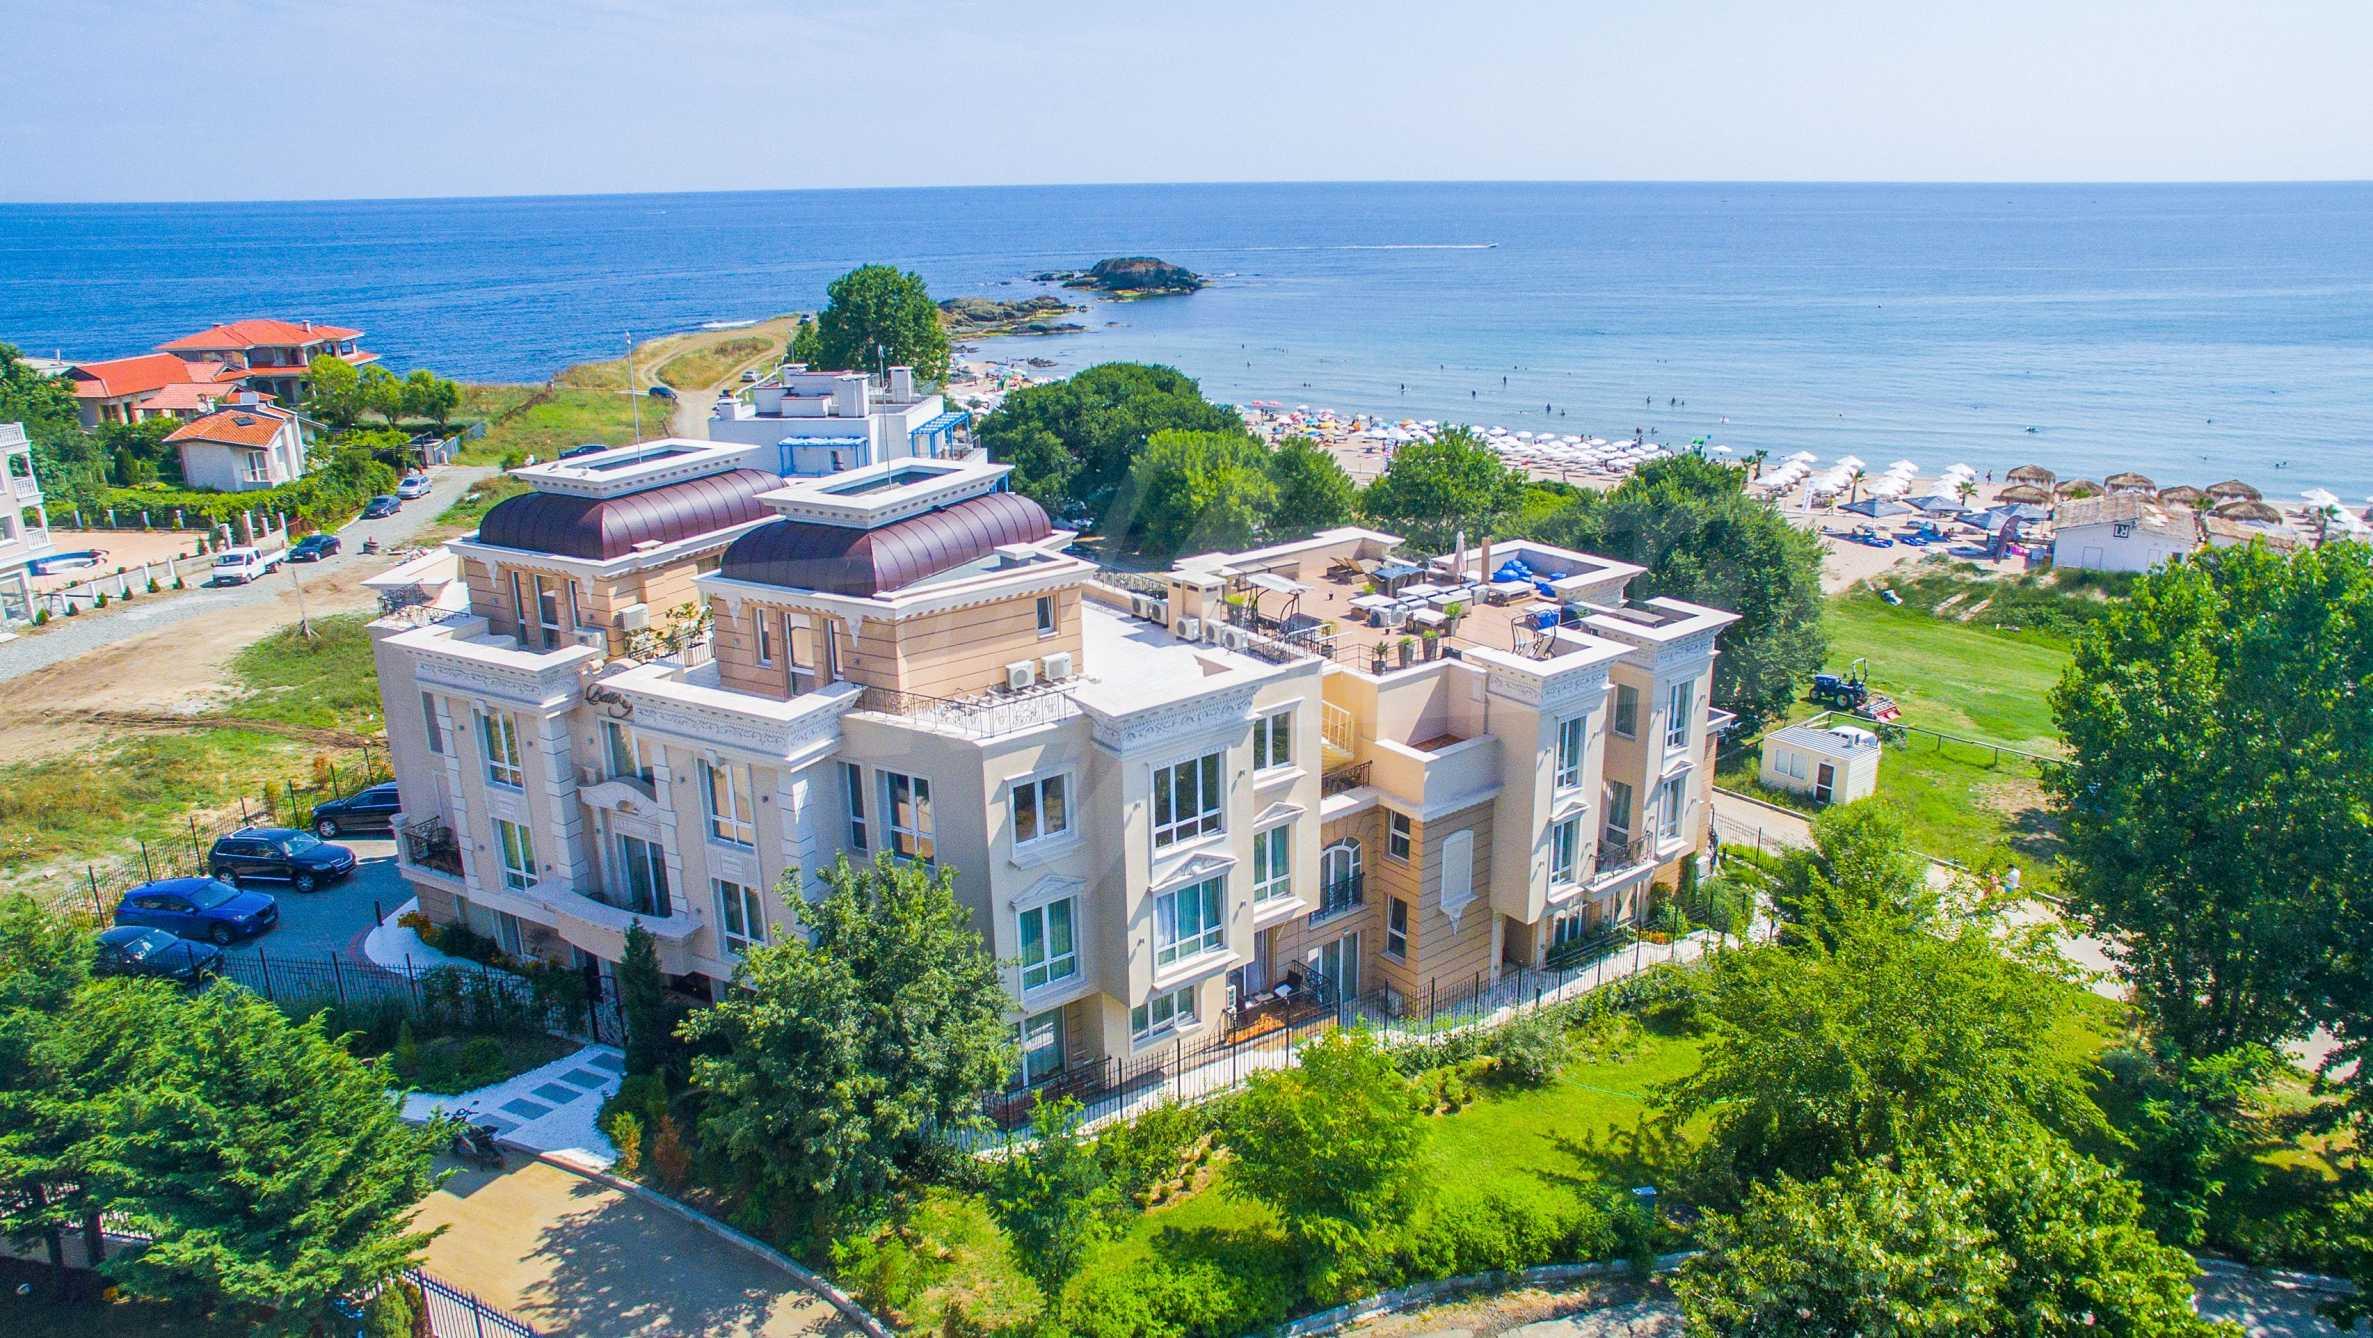 Двустаен апартамент в бутиковата резиденция до Централен плаж - Belle Époque (ап. №A 305)